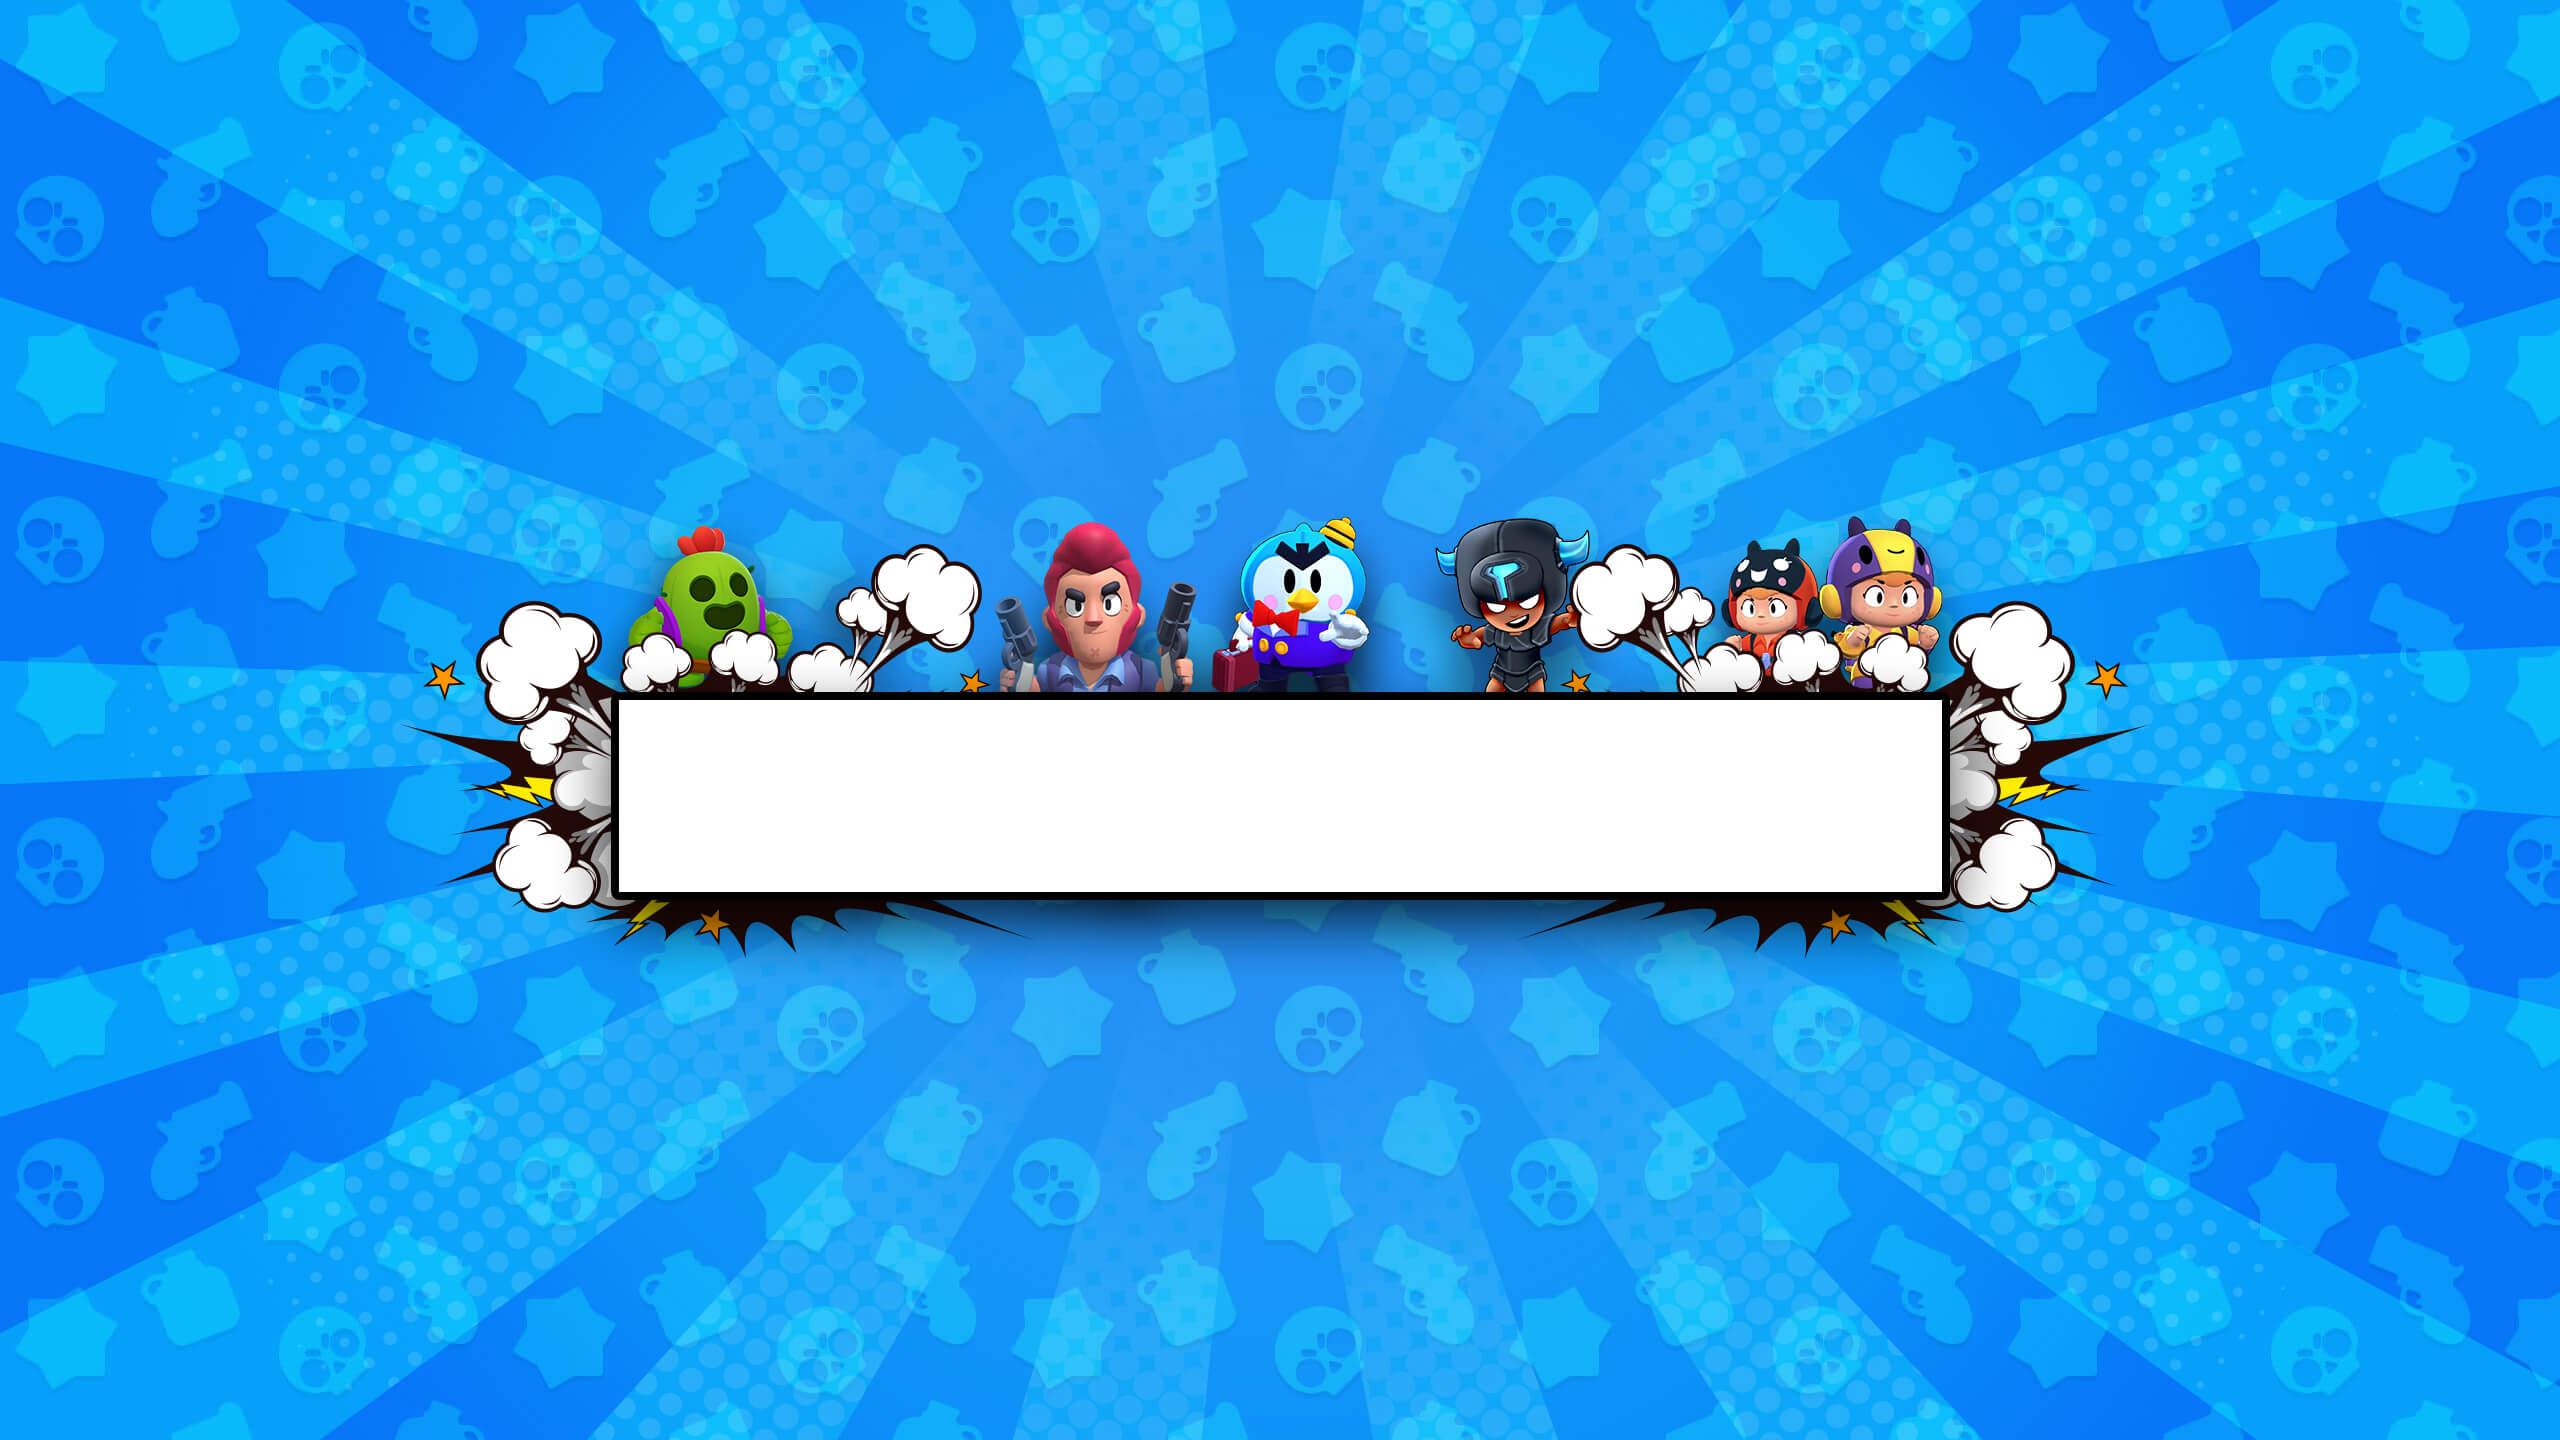 Синяя шапка Бравл Старс для ютуба без текста с персонажами игры.